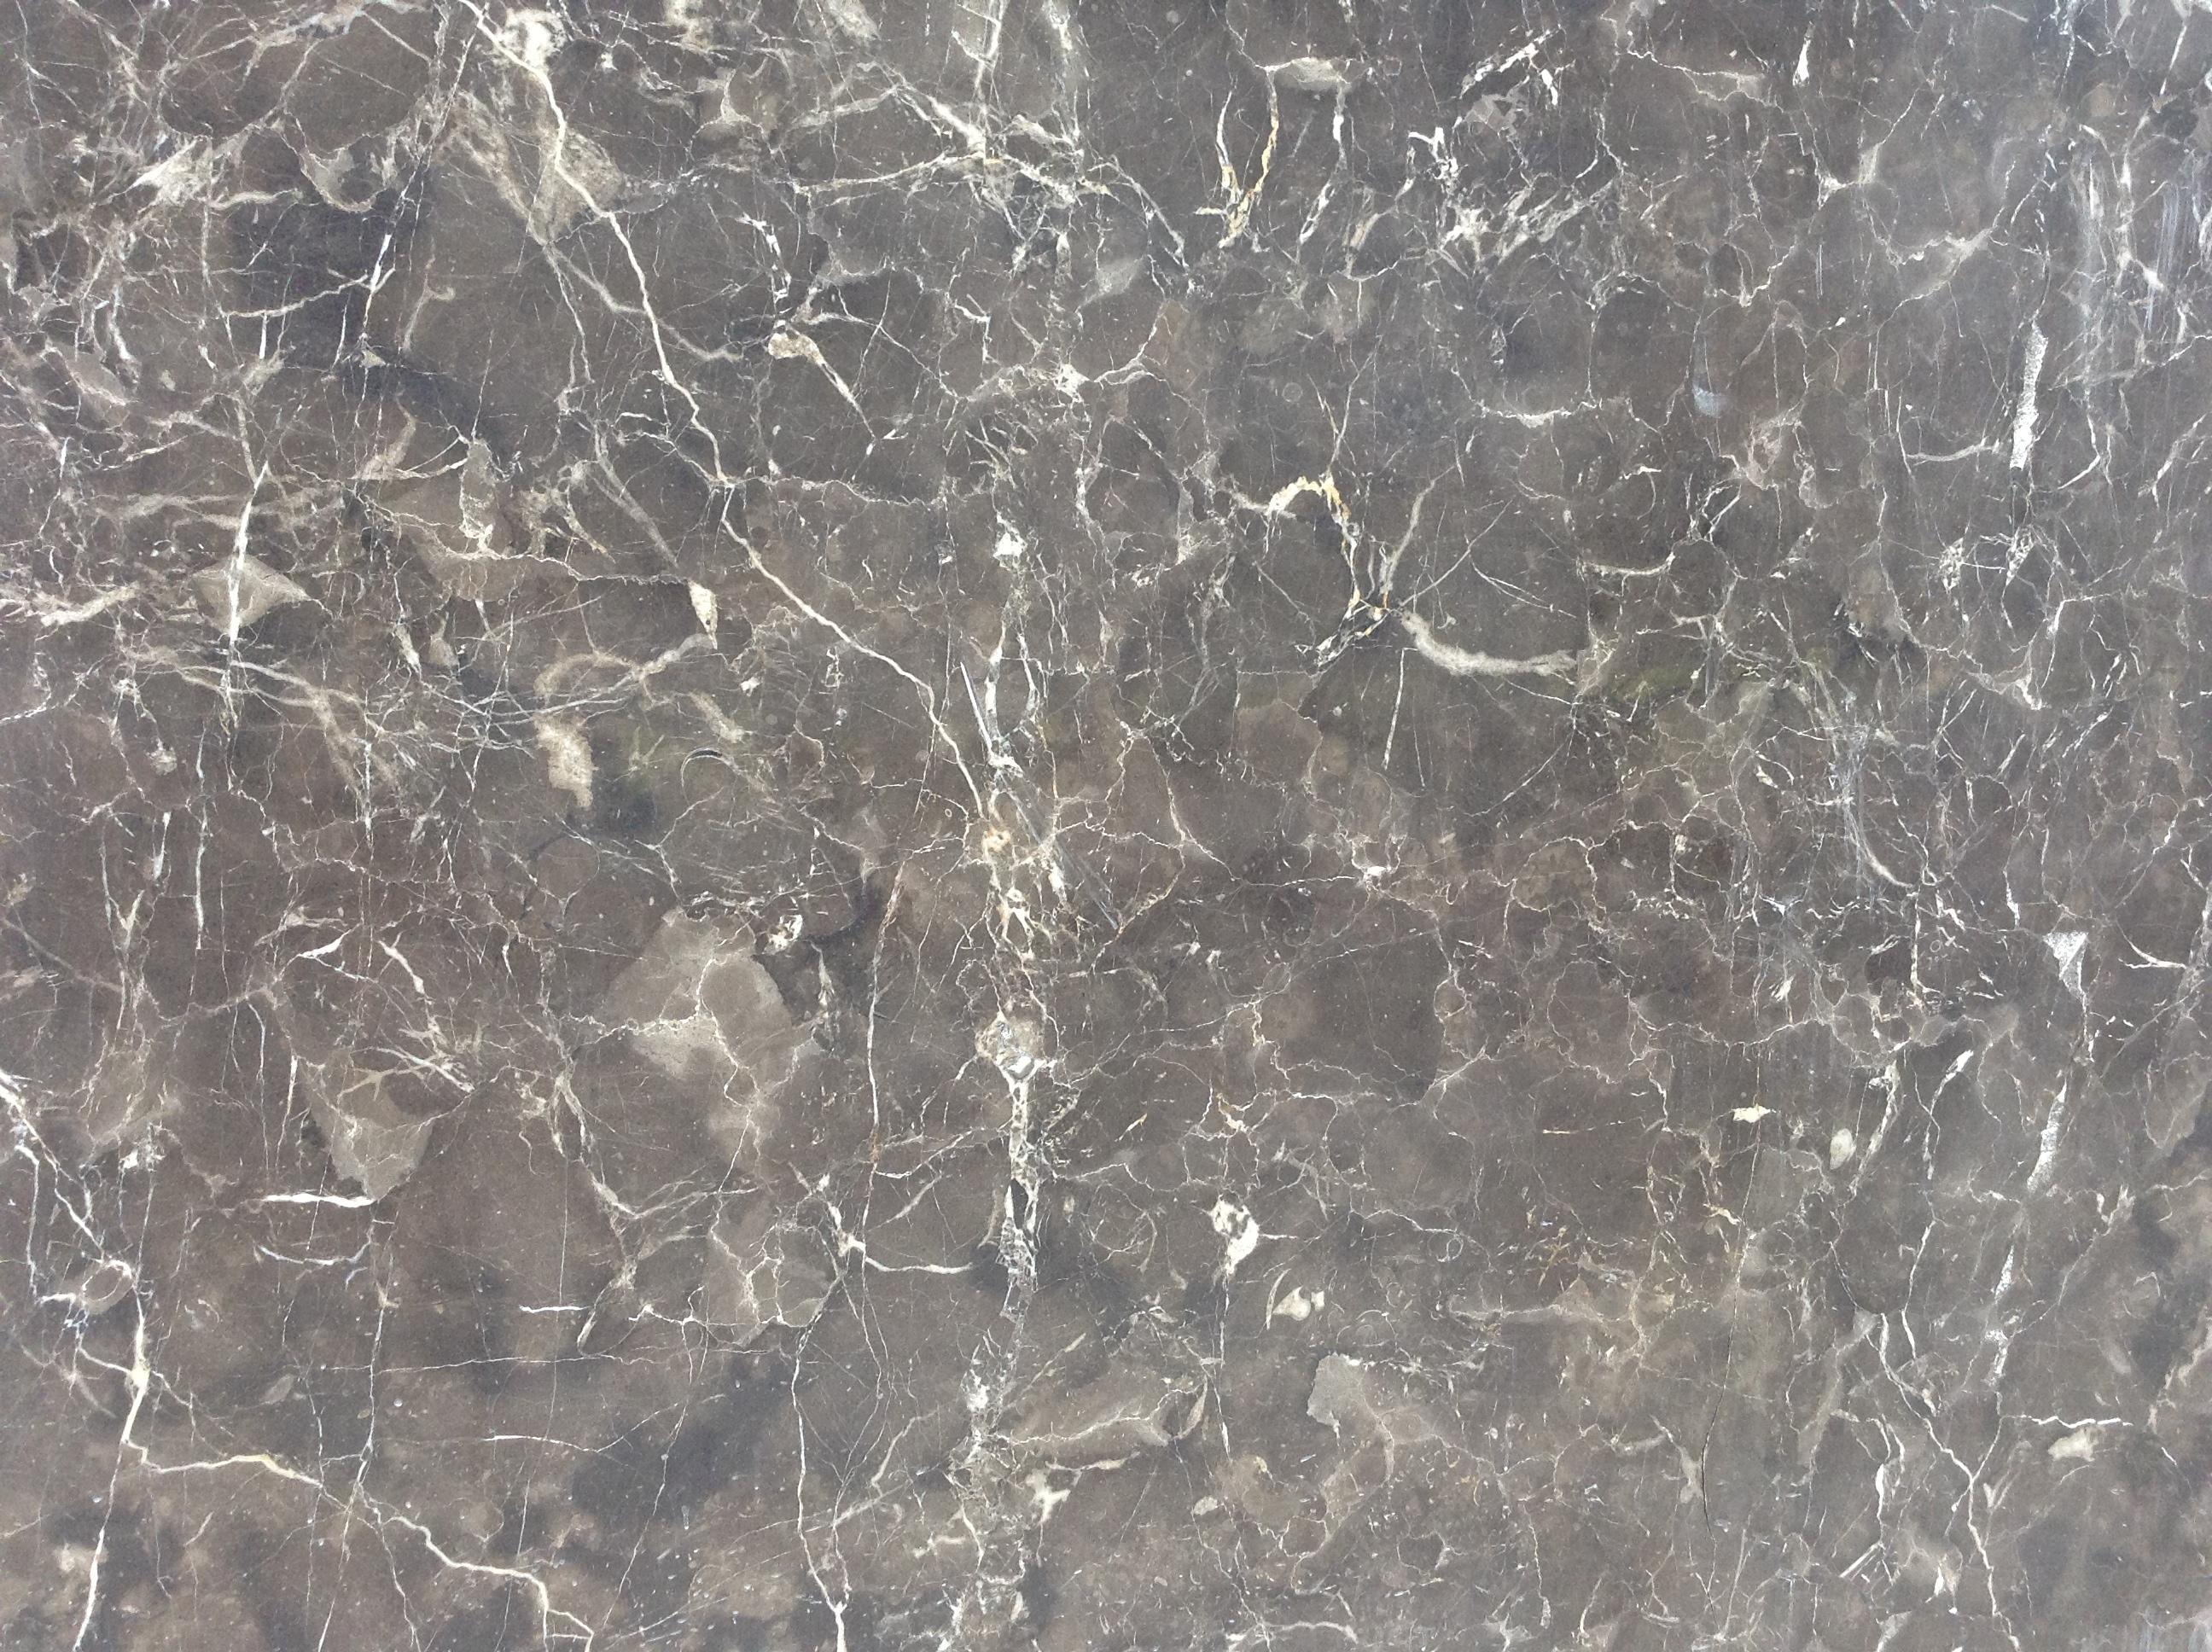 该款深啡网大理石的特点:板面色彩均匀、底色稍微偏黄、花纹偏大、白根不是很多 江西乐信石材厂集矿山开采、石材加工、进出口销售于一体。我们拥有自己的啡网纹矿山,矿源丰富,色彩均匀,色差较小,花纹美观。现产的深啡网纹大理石和浅网大理石等产品在国内广受好评,并且畅销欧美和中南亚。欢迎大家来电咨询。